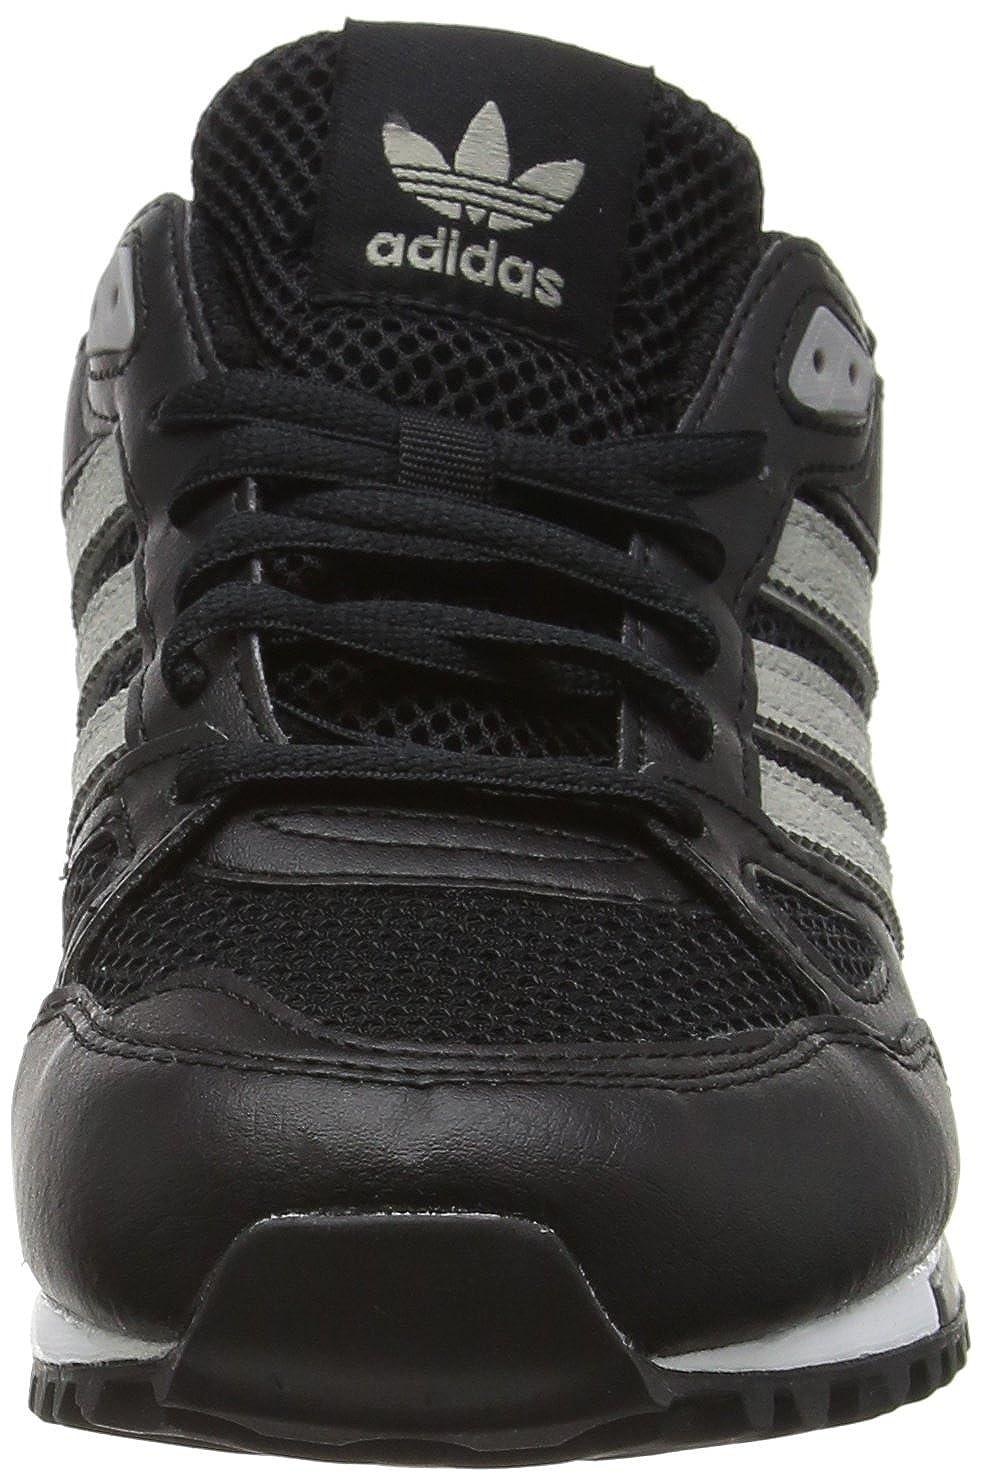 hot sale online d317c 2d846 ... ebay cheap amazon adidas zx 750 s76191 color black grey size 9.0 shoes  42618 5a1db 9091d ...